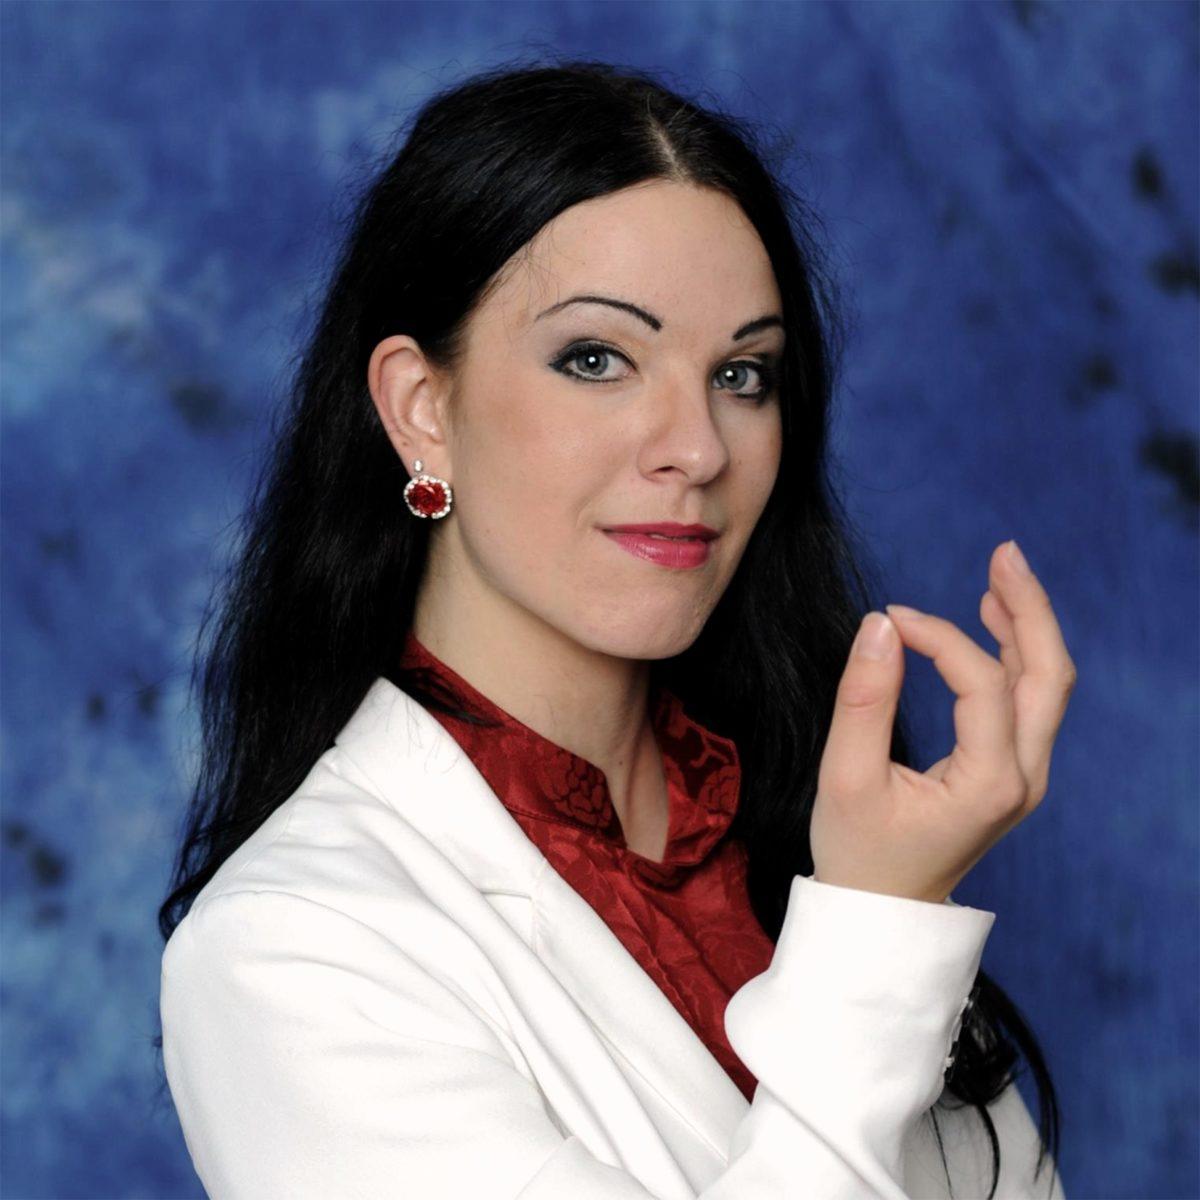 Lisa Valent